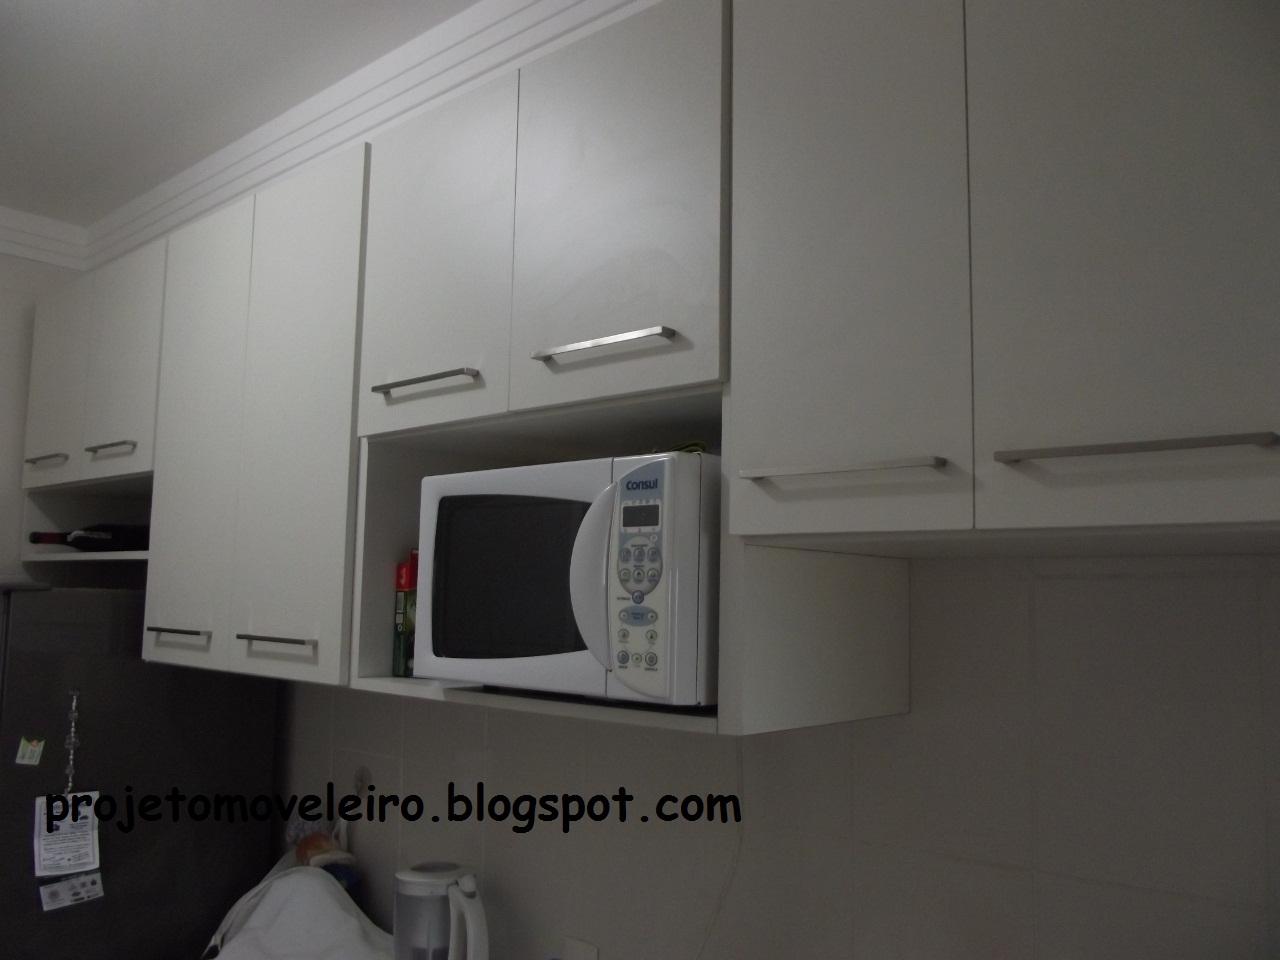 EM MADEIRA MACIÇA E MOVEIS SOB MEDIDA: Cozinha Banheiro e Quarto #51585E 1280x960 Armario Banheiro Suspenso